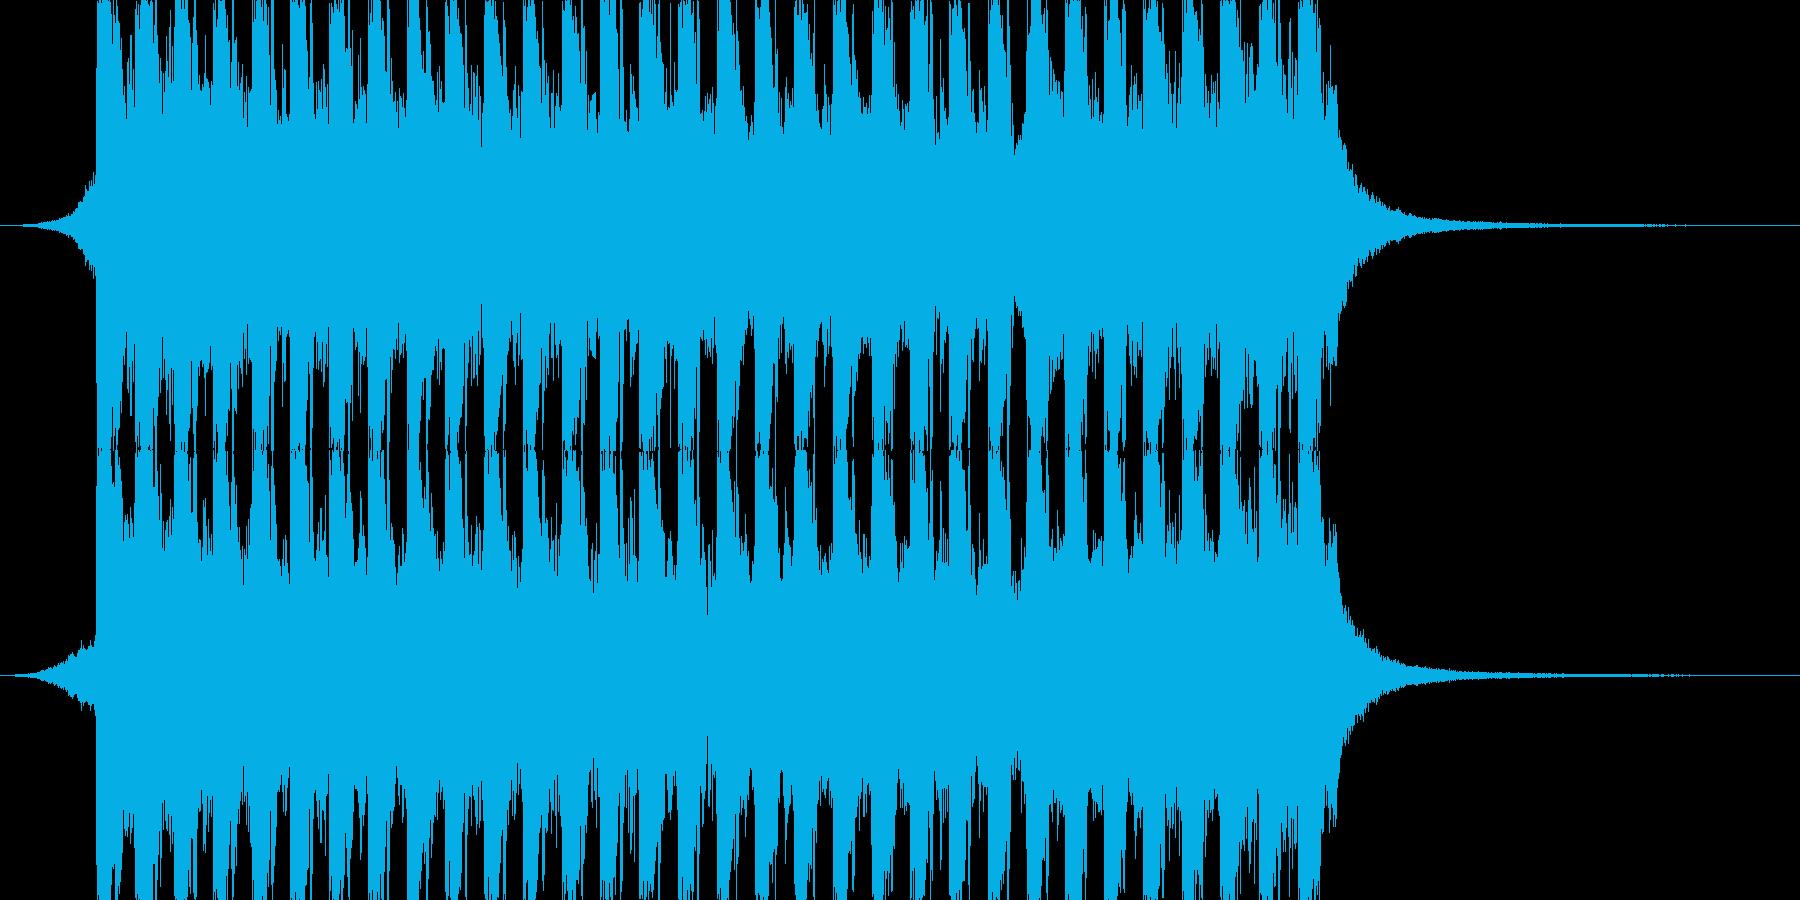 洋楽、夏らしいトロピカルハウス3、15秒の再生済みの波形